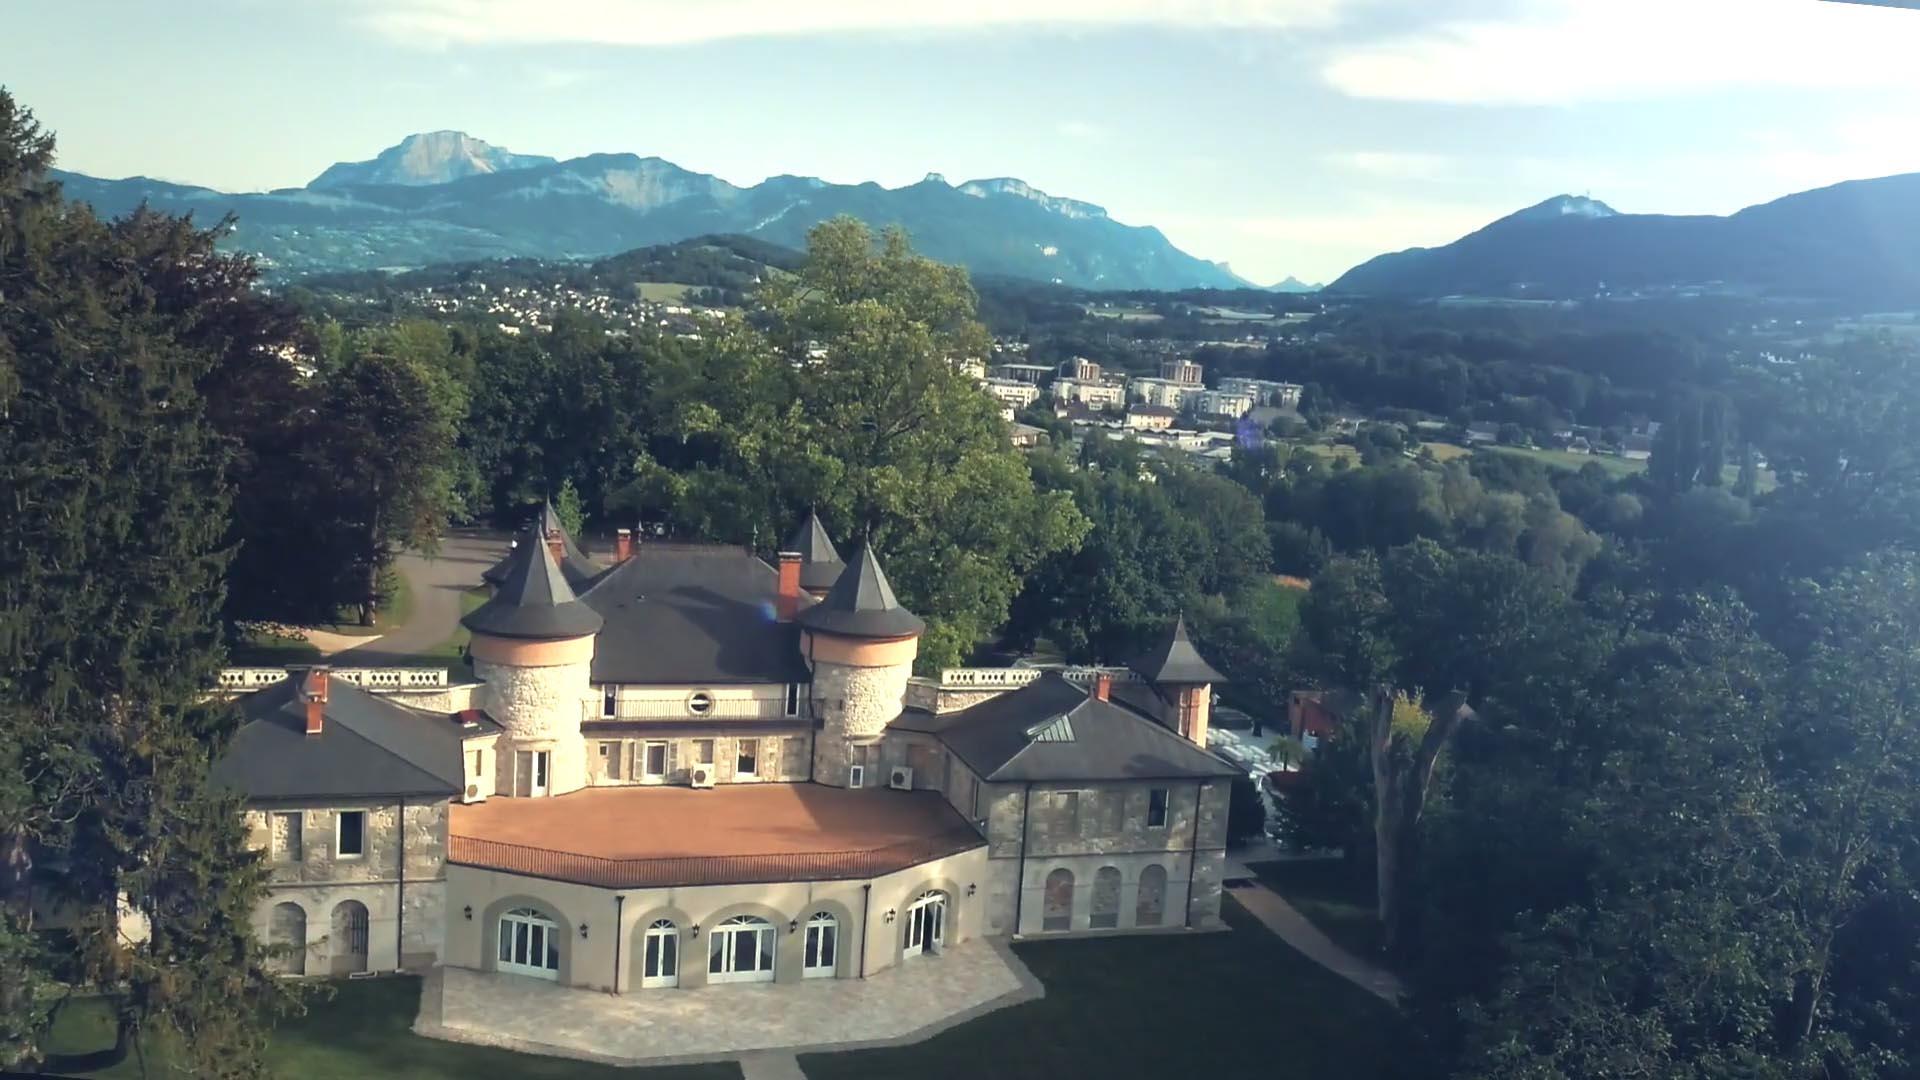 [AFTER MOVIE] Vidéo événement au château de Servolex